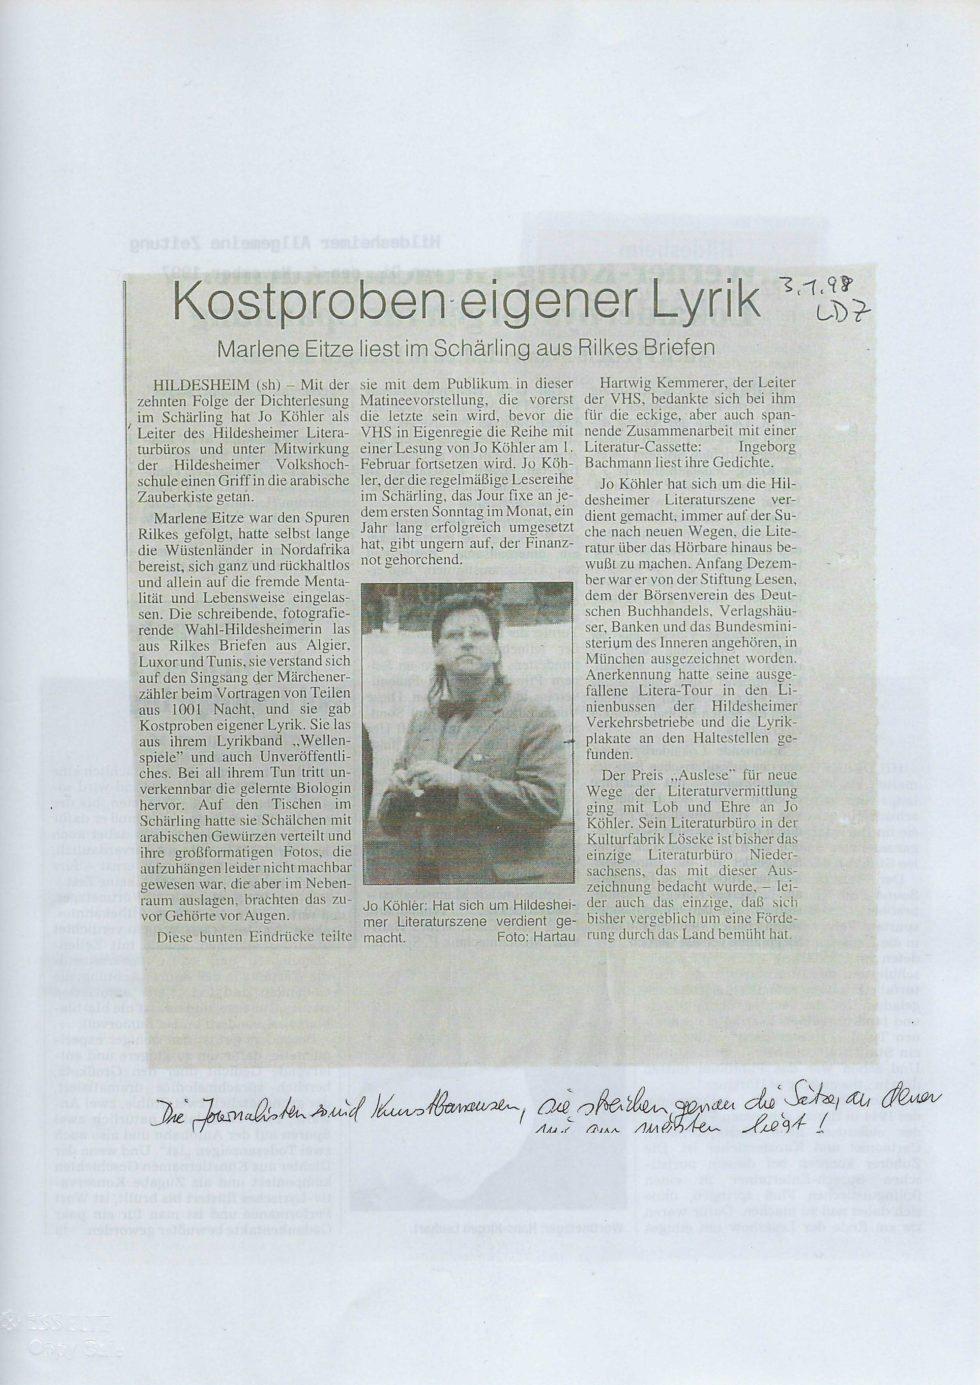 1997 Stift.Lesen, Lit.Tour, Lasker-Wallfisch_Seite_50